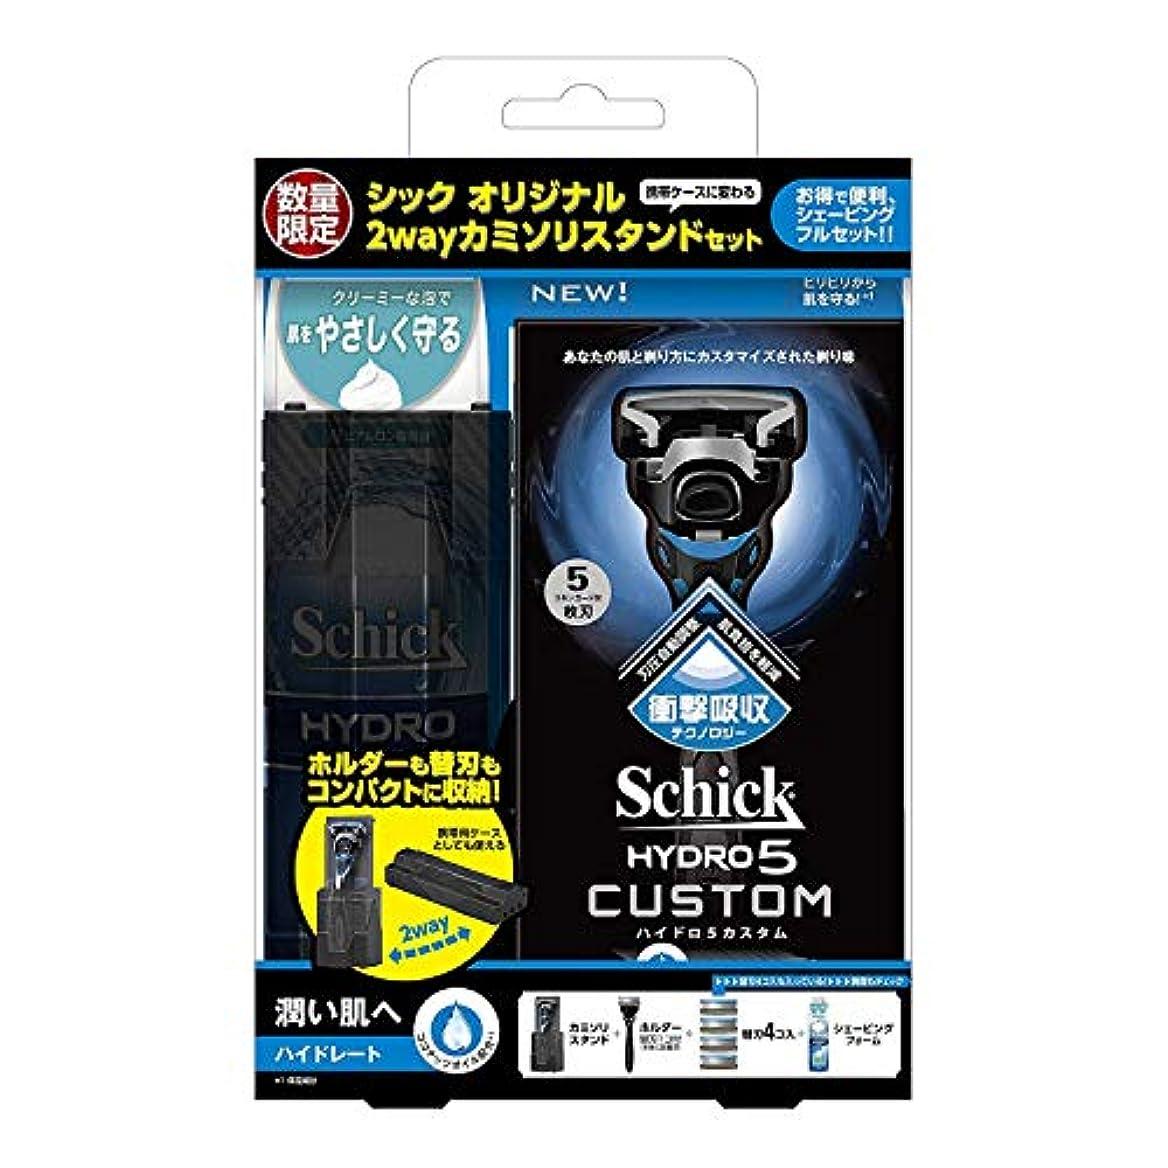 どこ伴うメディカルシック Schick 5枚刃 ハイドロ5 カスタム ハイドレート スペシャルパック 替刃5コ付 (替刃は本体に装着済み) 男性 カミソリ